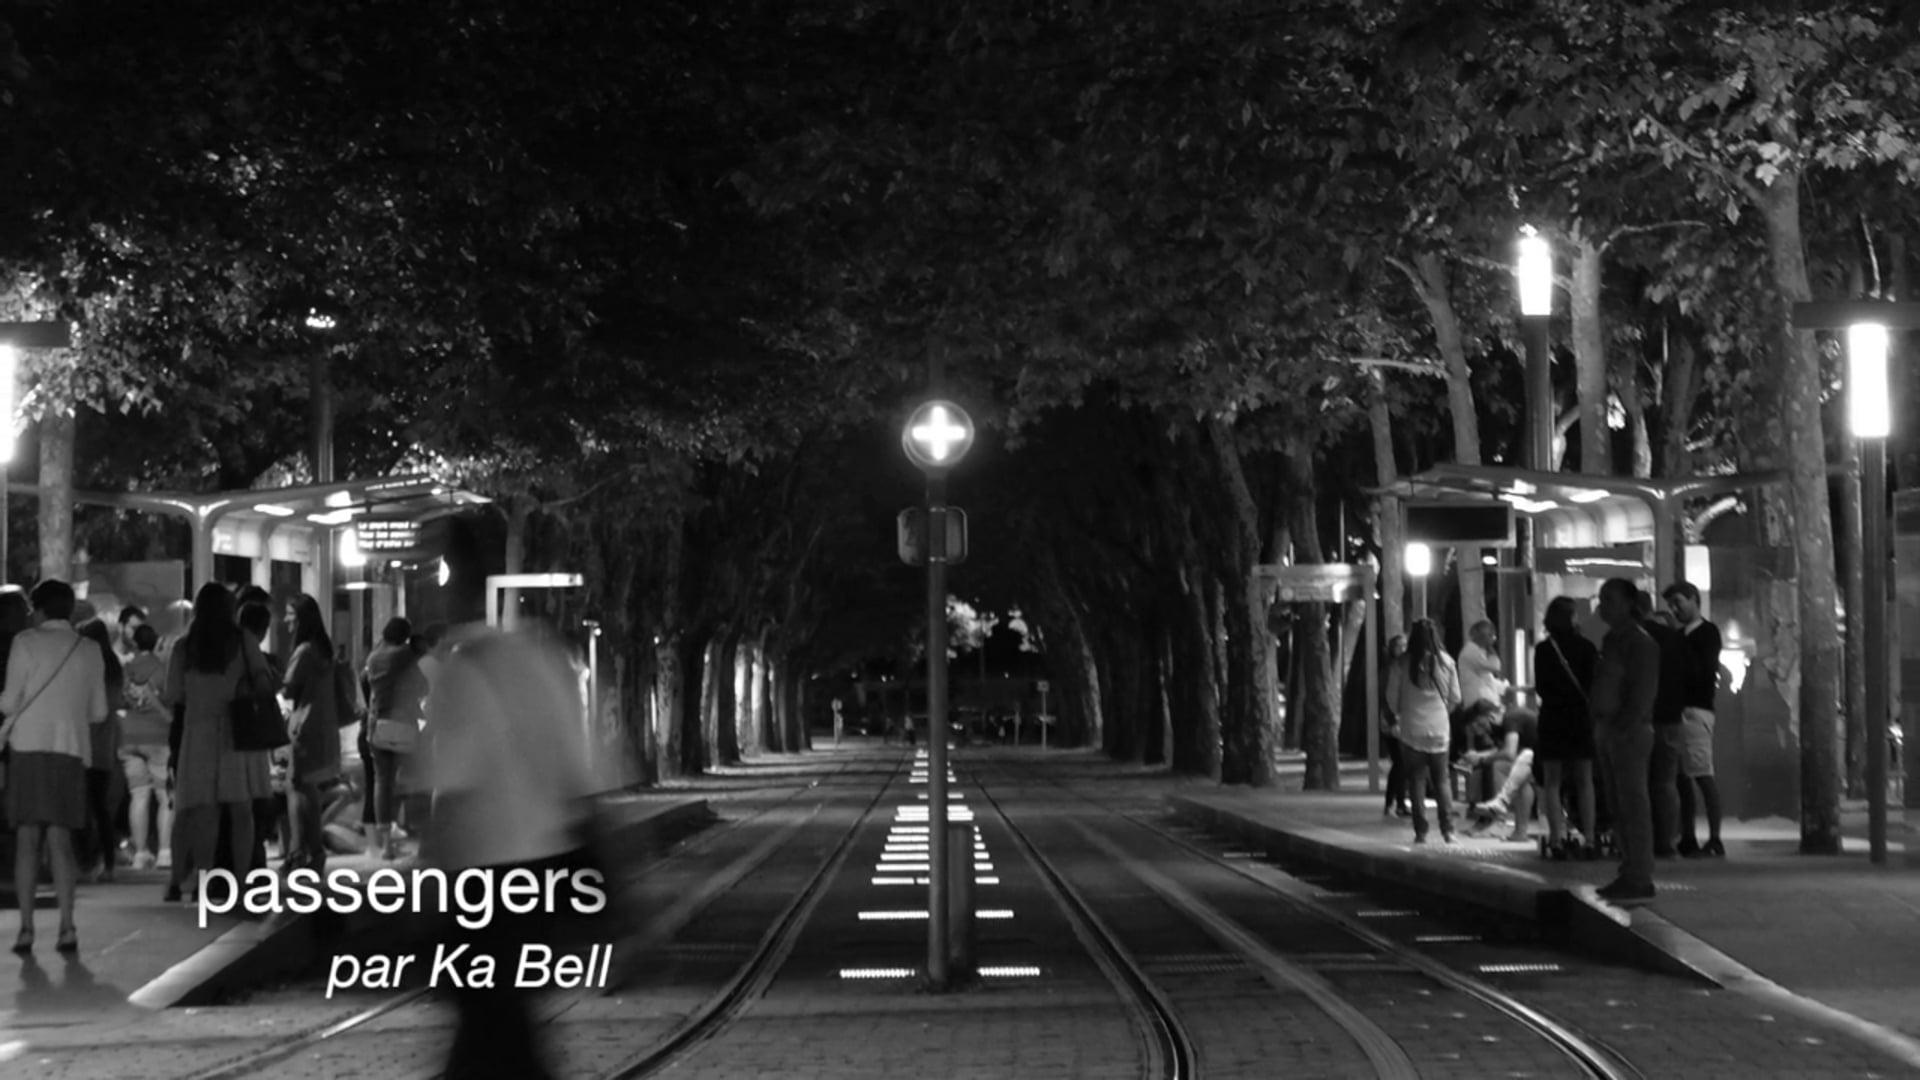 Passengers by Ka Bell